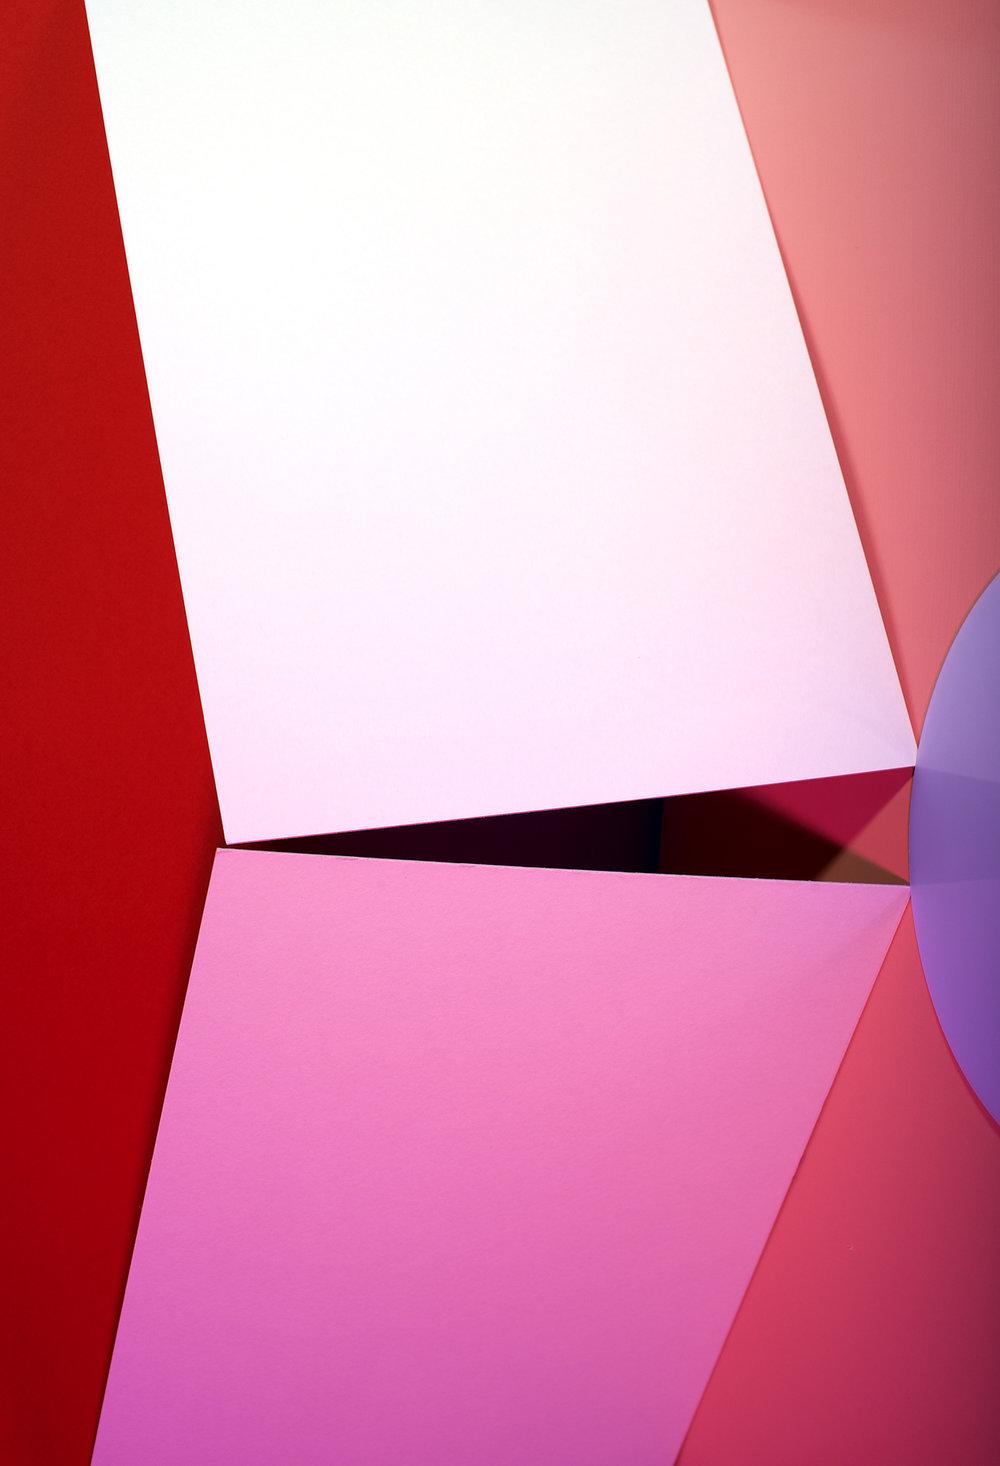 LYDIA WEGNER   Pink Square  2016 Polished Aluminium Frame, Light jet Print 44 x 30 cm